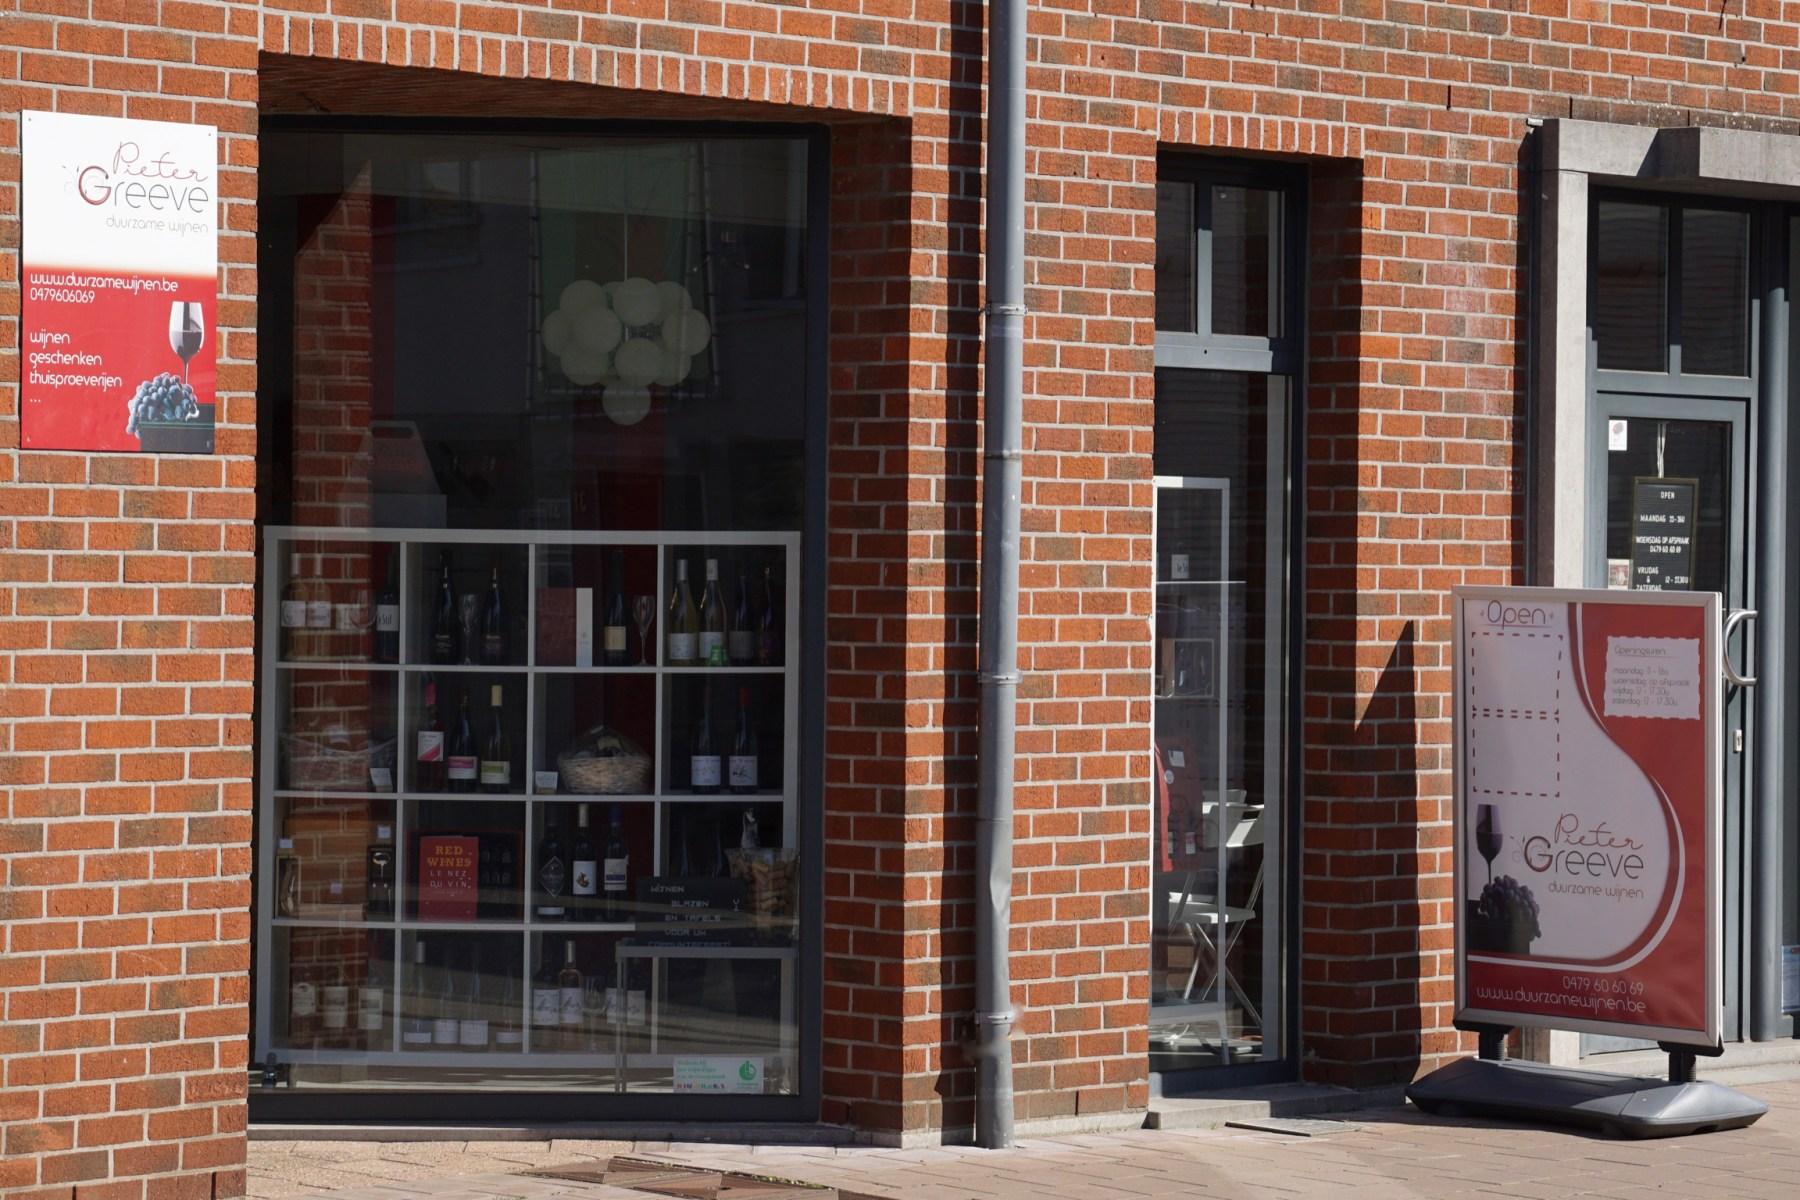 foto van de buitenkant van de winkel van Duurzame Wijnen